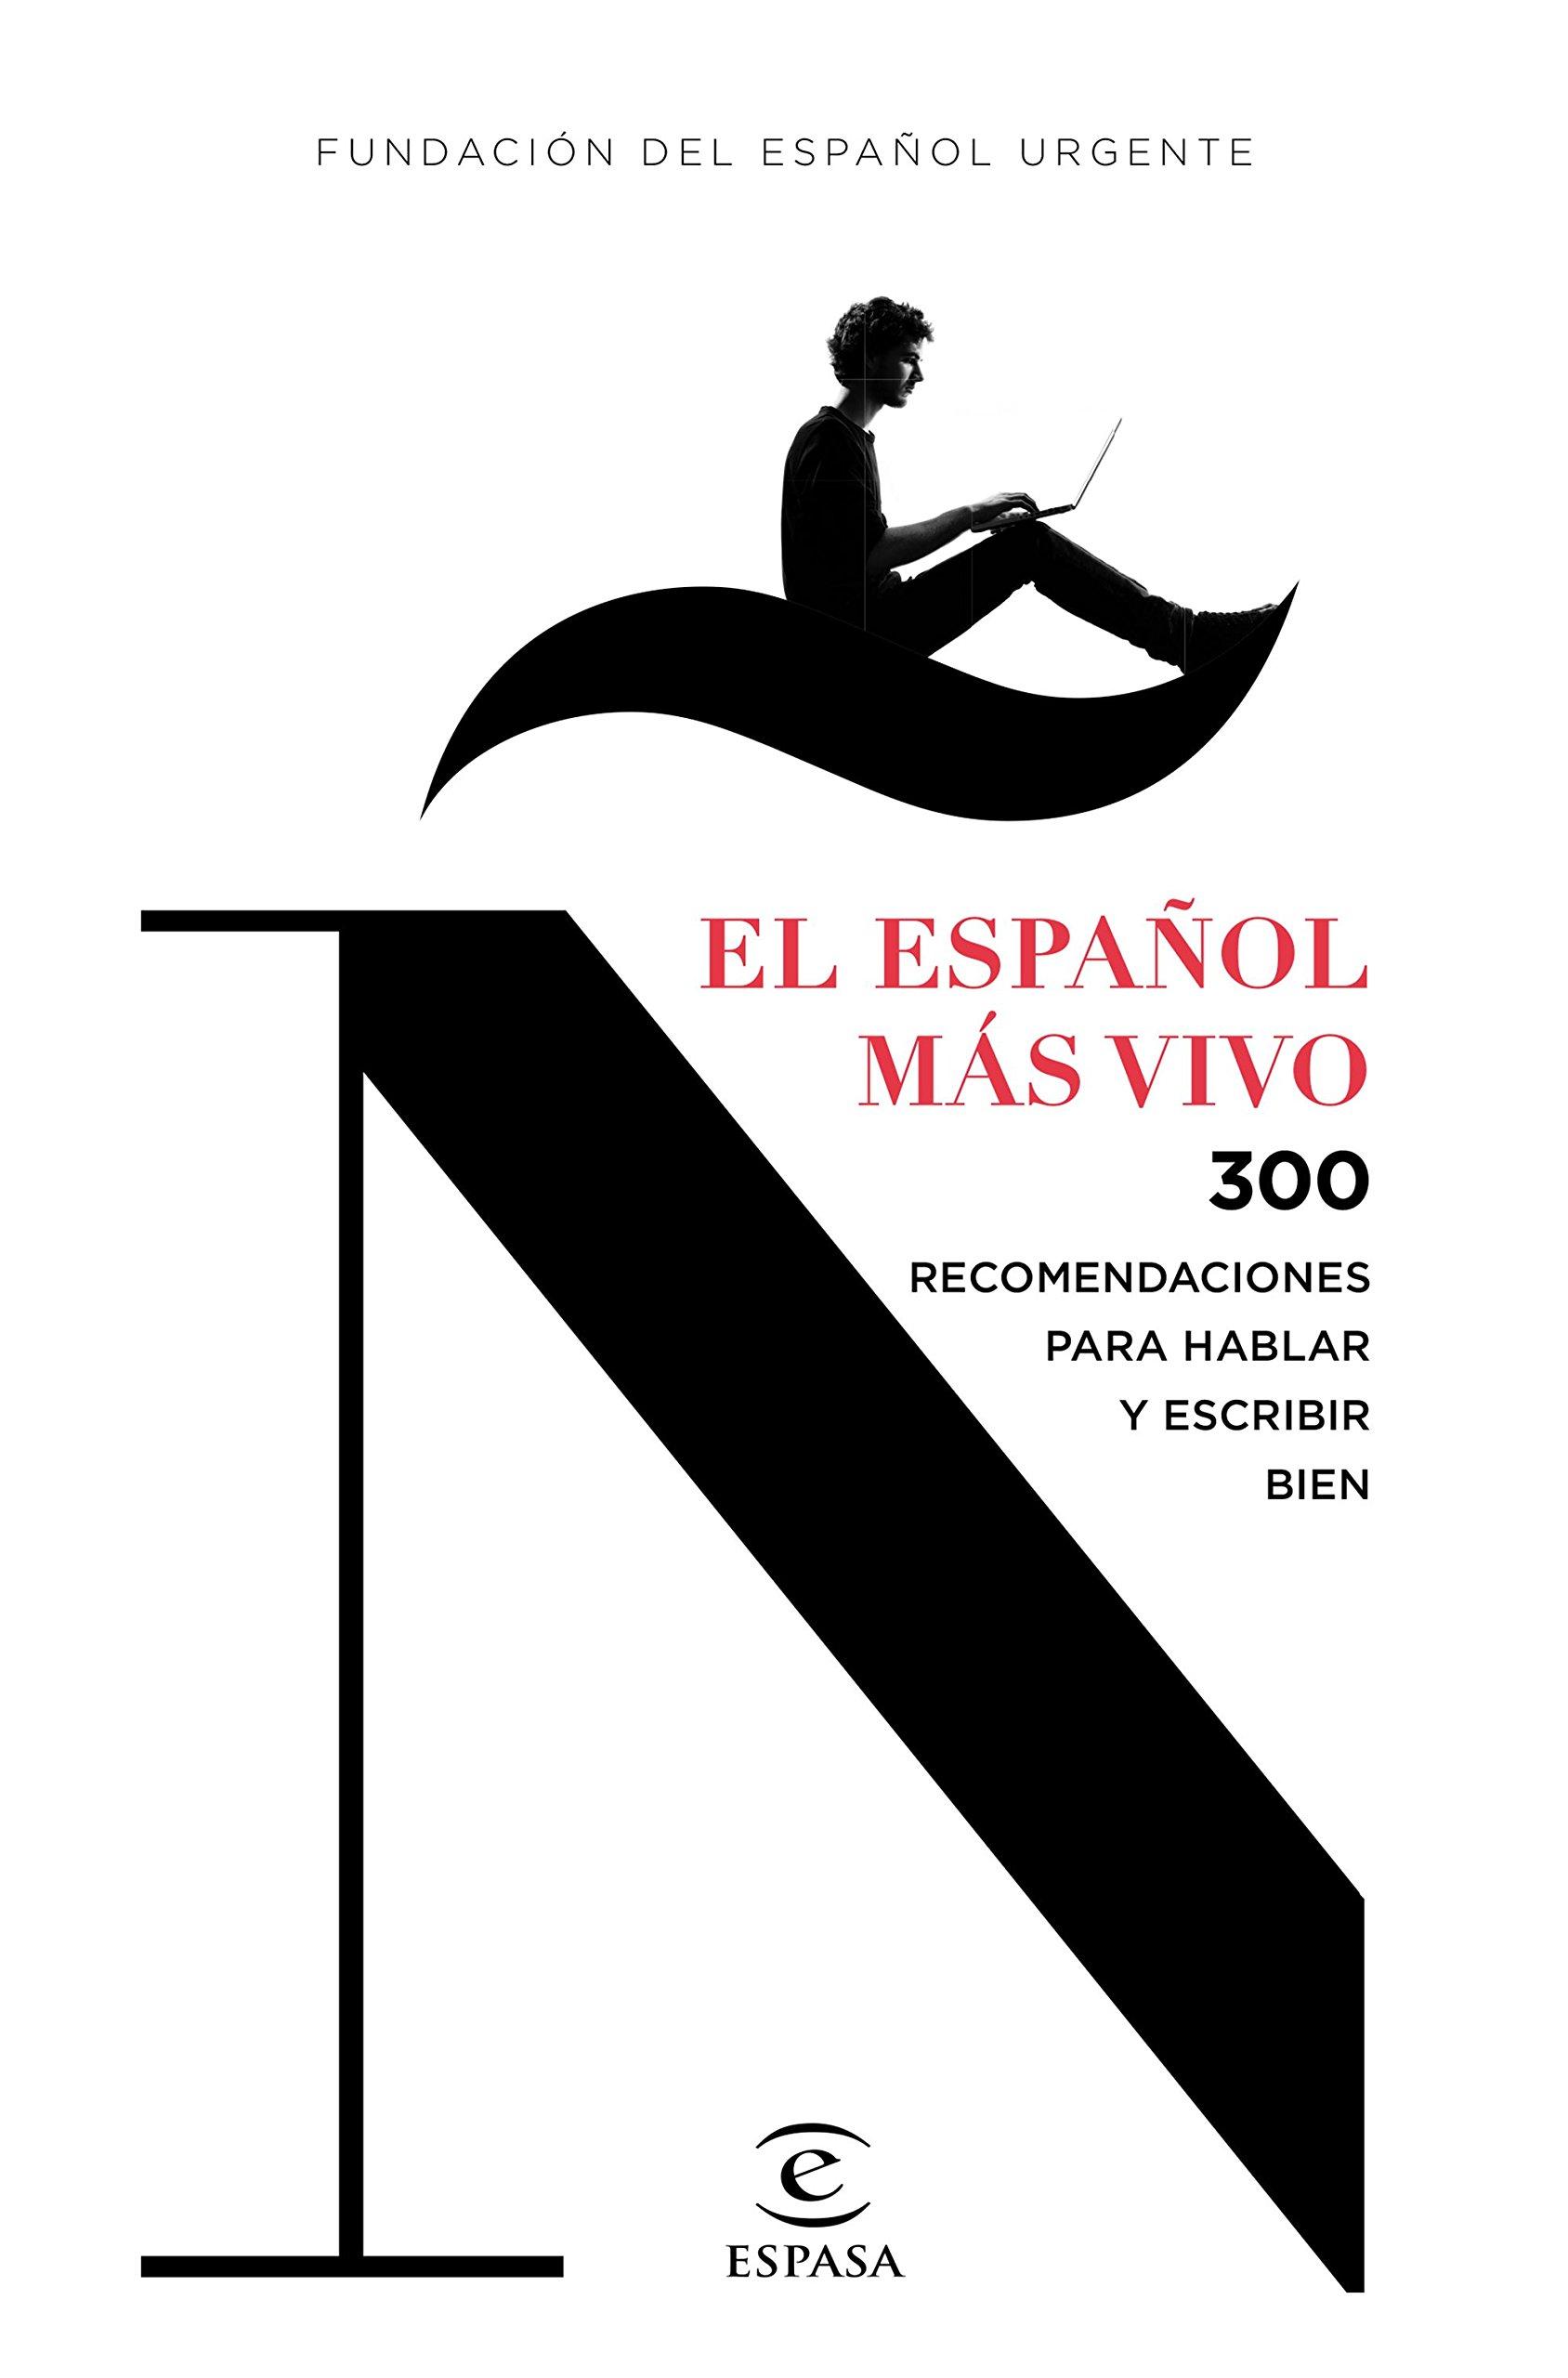 El español más vivo: 300 recomendaciones para hablar y escribir bien (F. COLECCION) Tapa blanda – 22 sep 2015 Fundéu Espasa 8467044268 Journalistic style guides